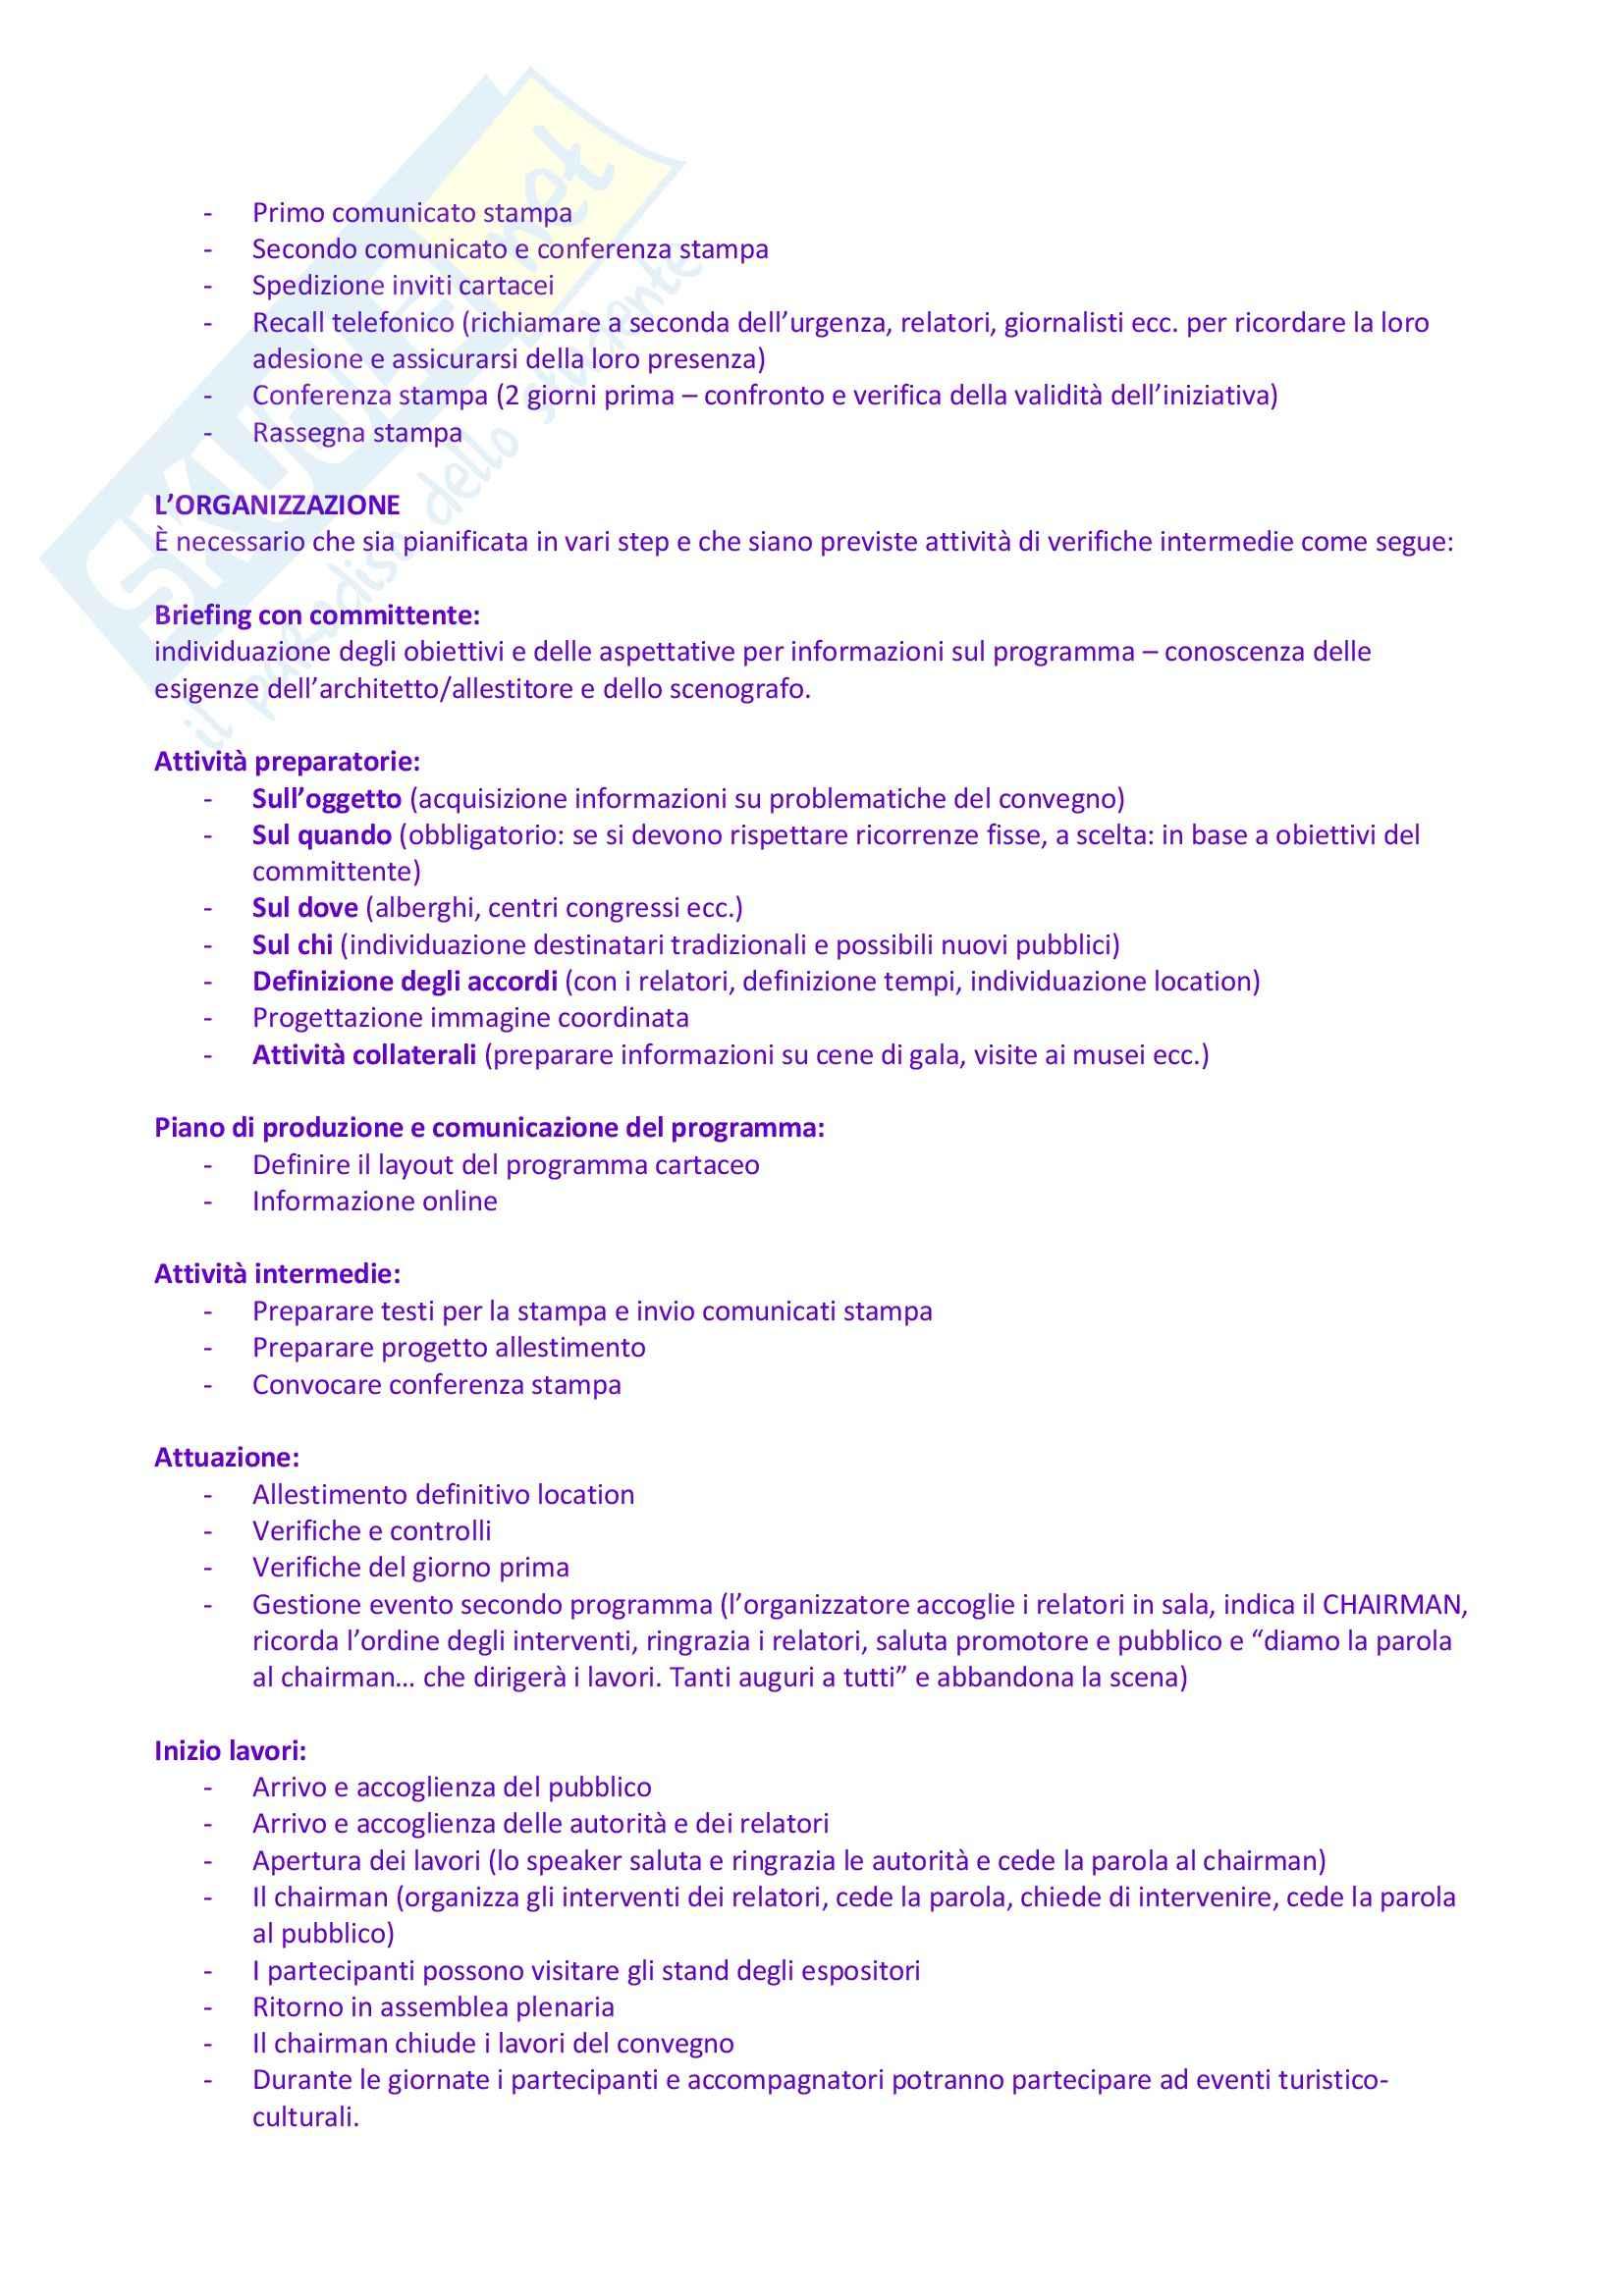 Riassunto esame Organizzazione e Gestione degli Eventi e dello Spettacolo, prof. Monno, libro consigliato Organizzare Eventi, Tavalazzi, Regina Pag. 16